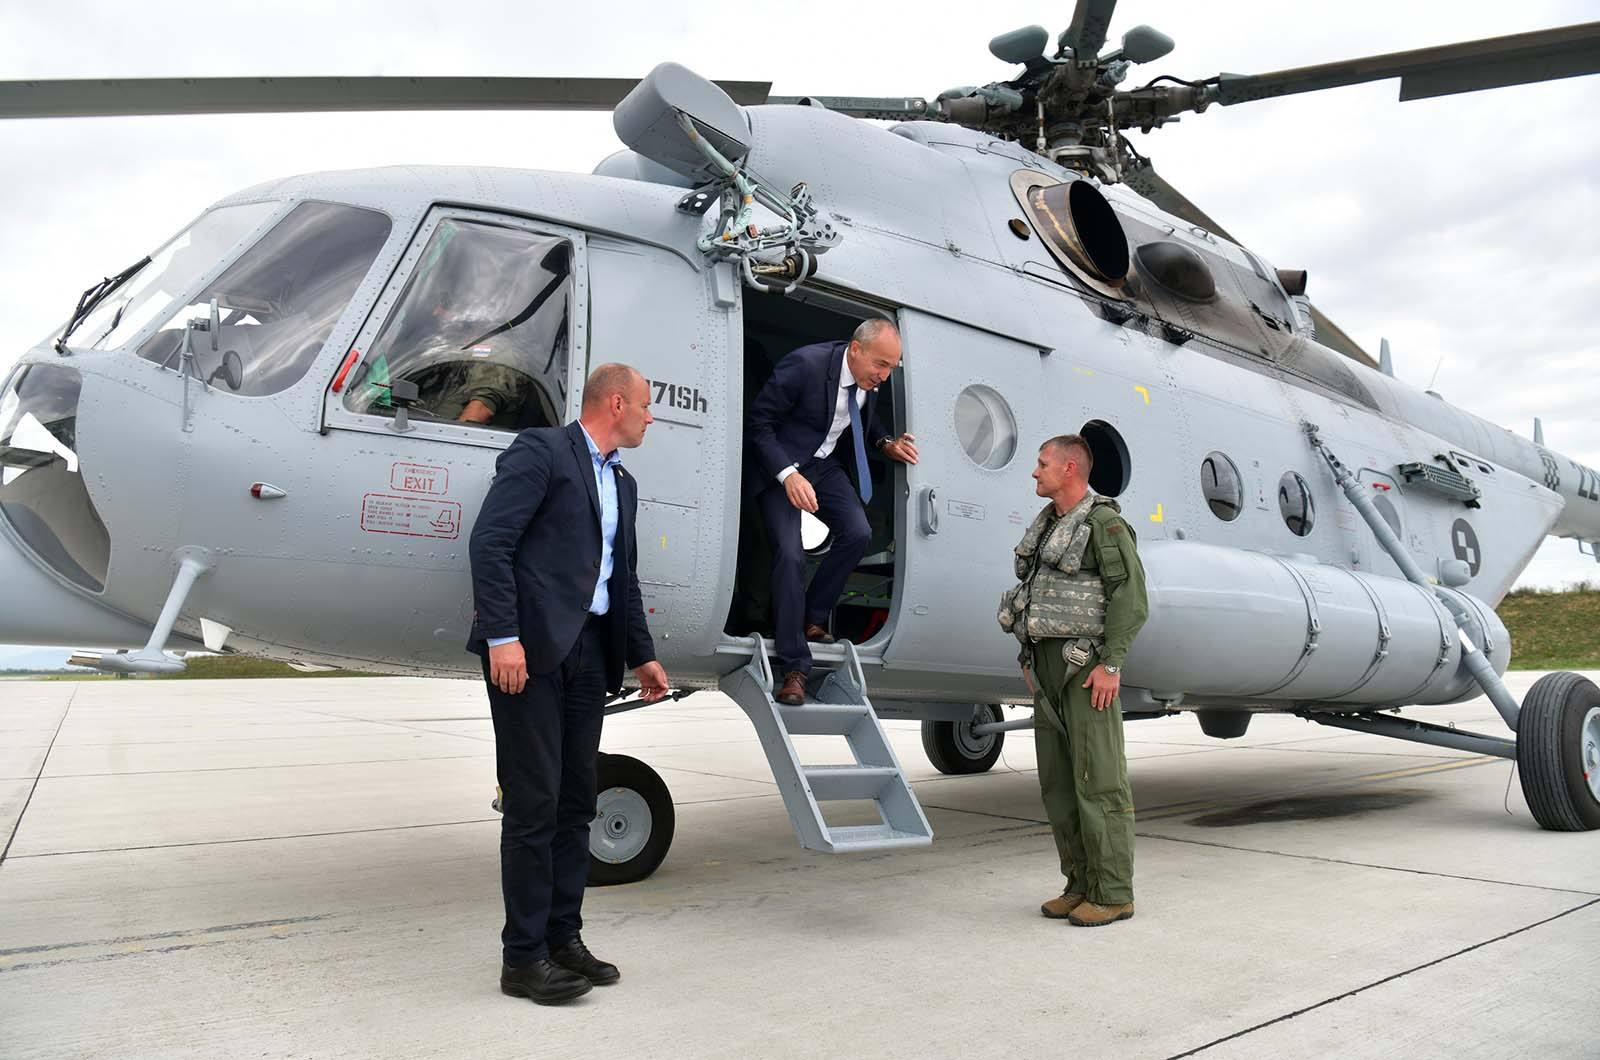 Održana prezentacija remontiranih helikoptera Mi-171Sh na Plesu